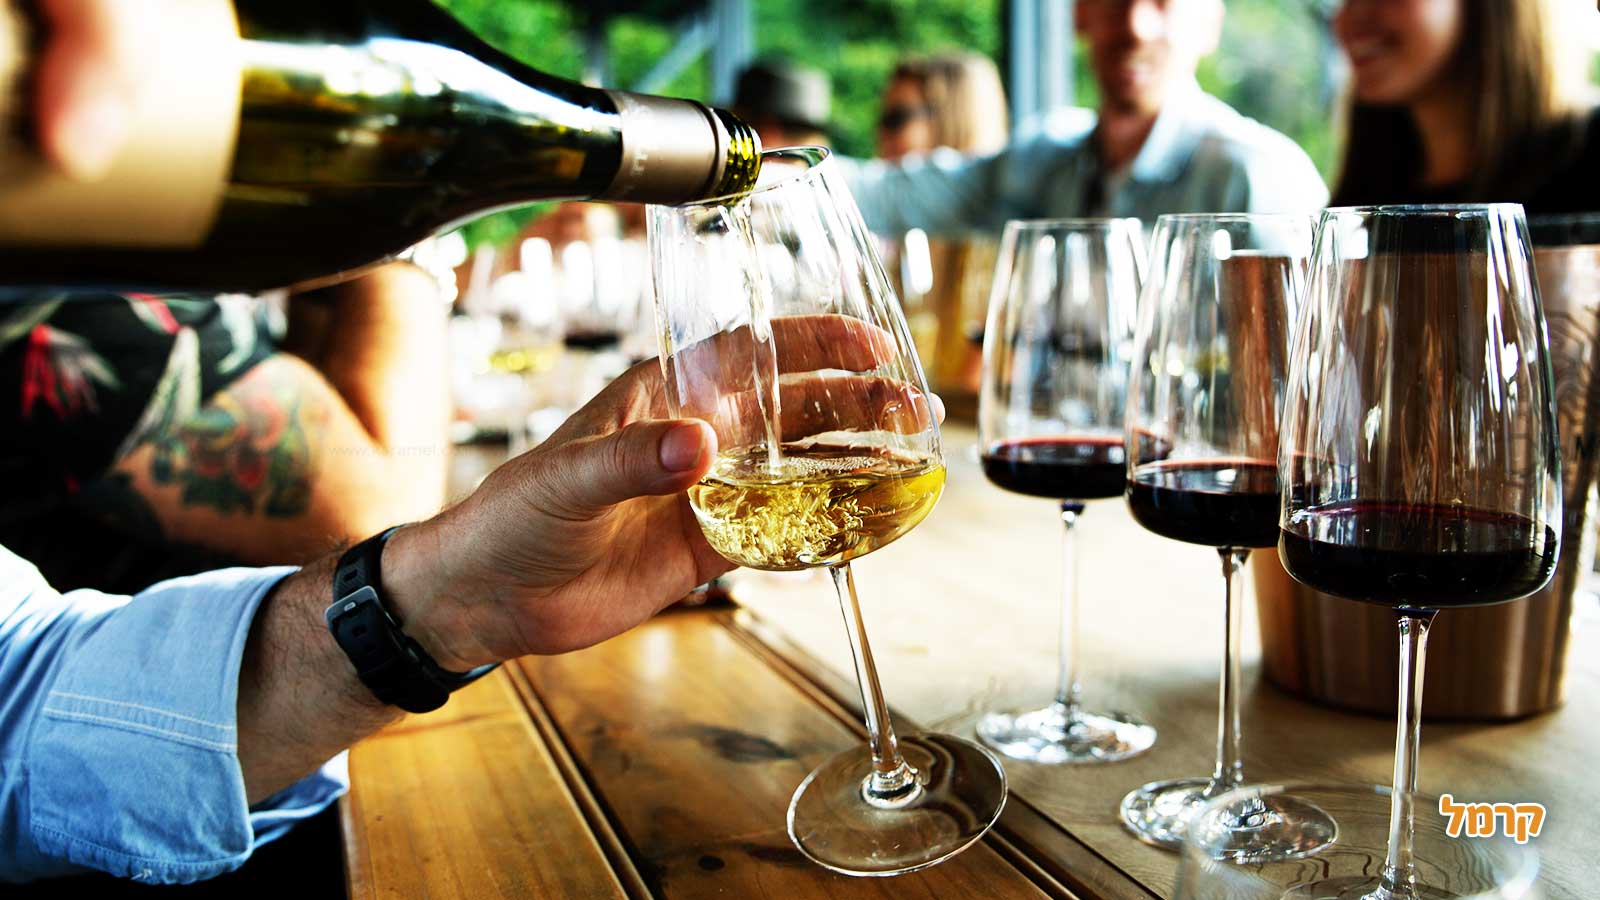 בן עמי סדנאות יין - פשוט להבין יין - 073-7026411